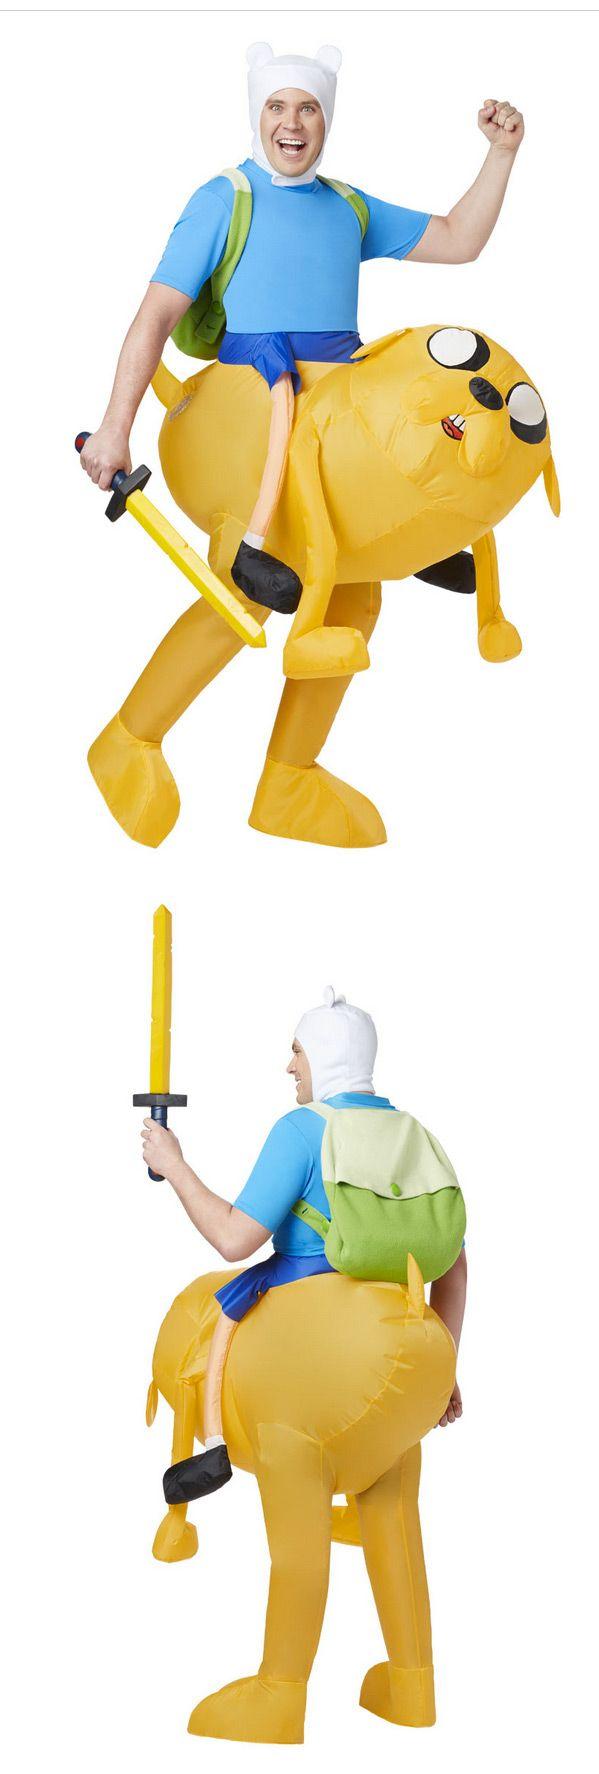 Finn from Adventure Time | http://www.spirithalloween.com/product/gm-finn-inflatable/#